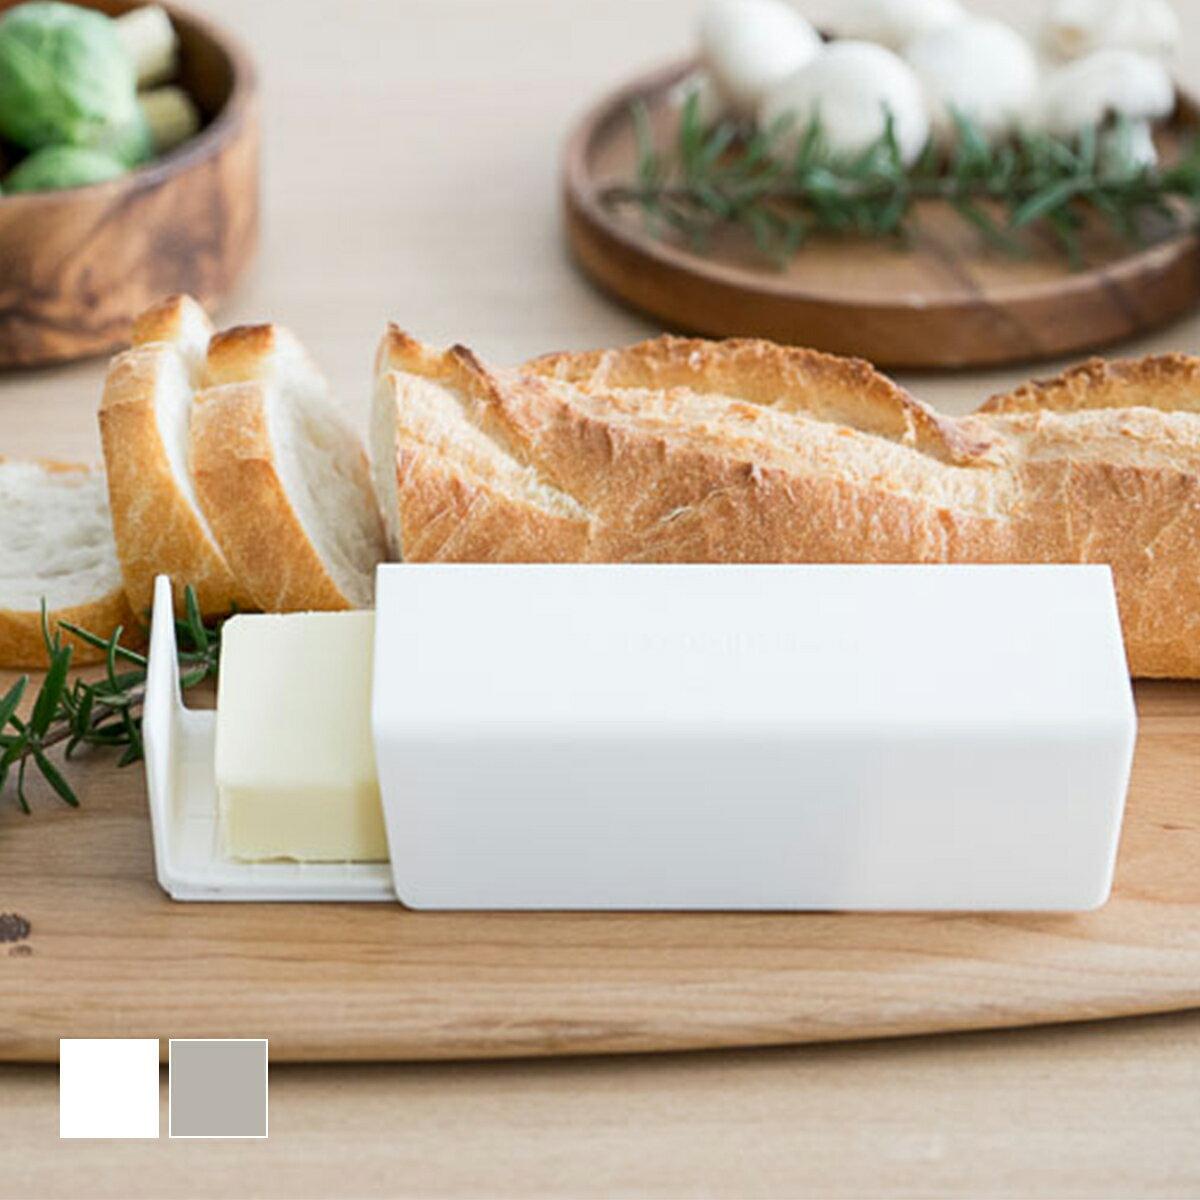 バターケース [b2c バターケース] バター ケース 容器 入れ キッチン サラサデザインストア